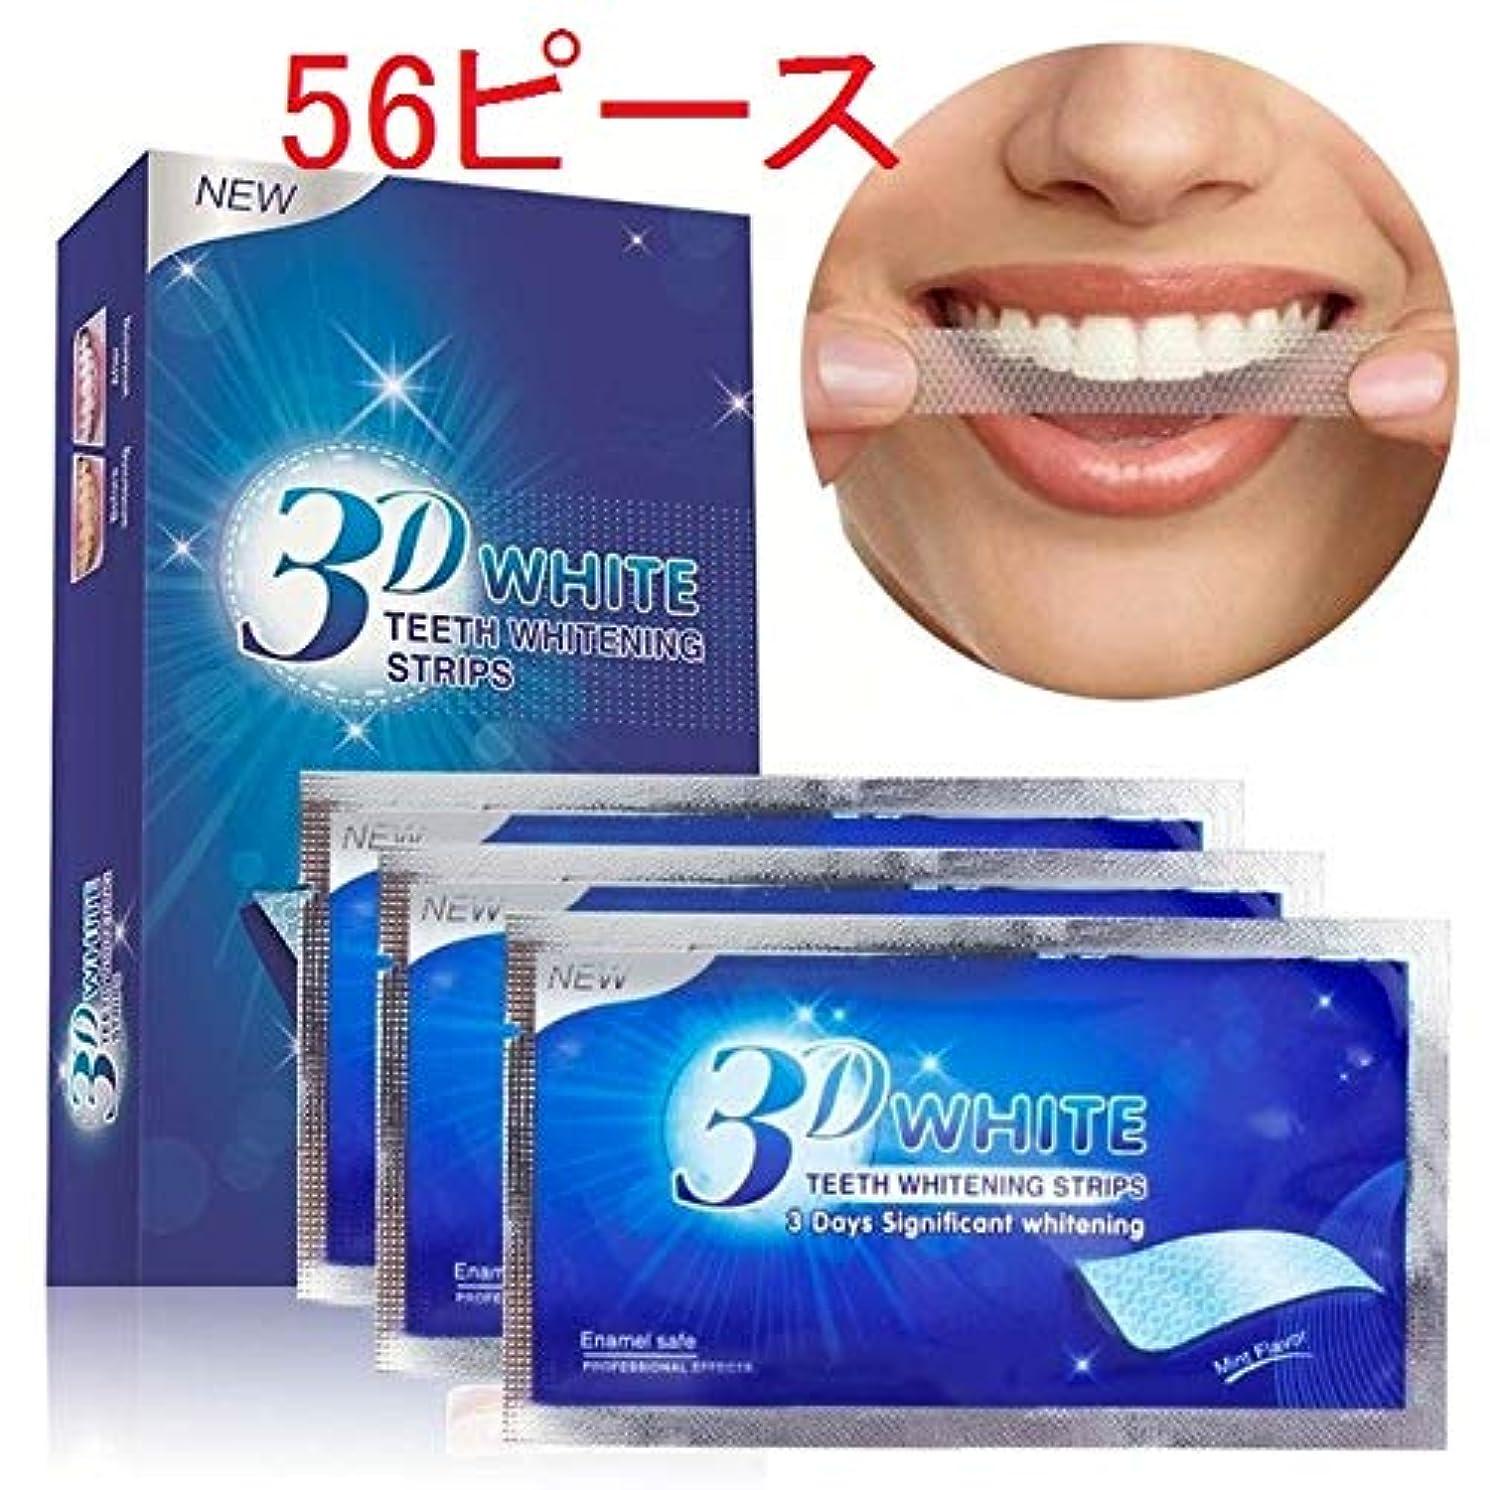 臭いヒロイック変換28ペア)56個 ホワイトストライプを白くする歯 - 歯のケア用ホワイトストリップ - ストリップを白くする歯 - 高速ホワイトニング Teeth Whitening White Stripes - Tooth Care...